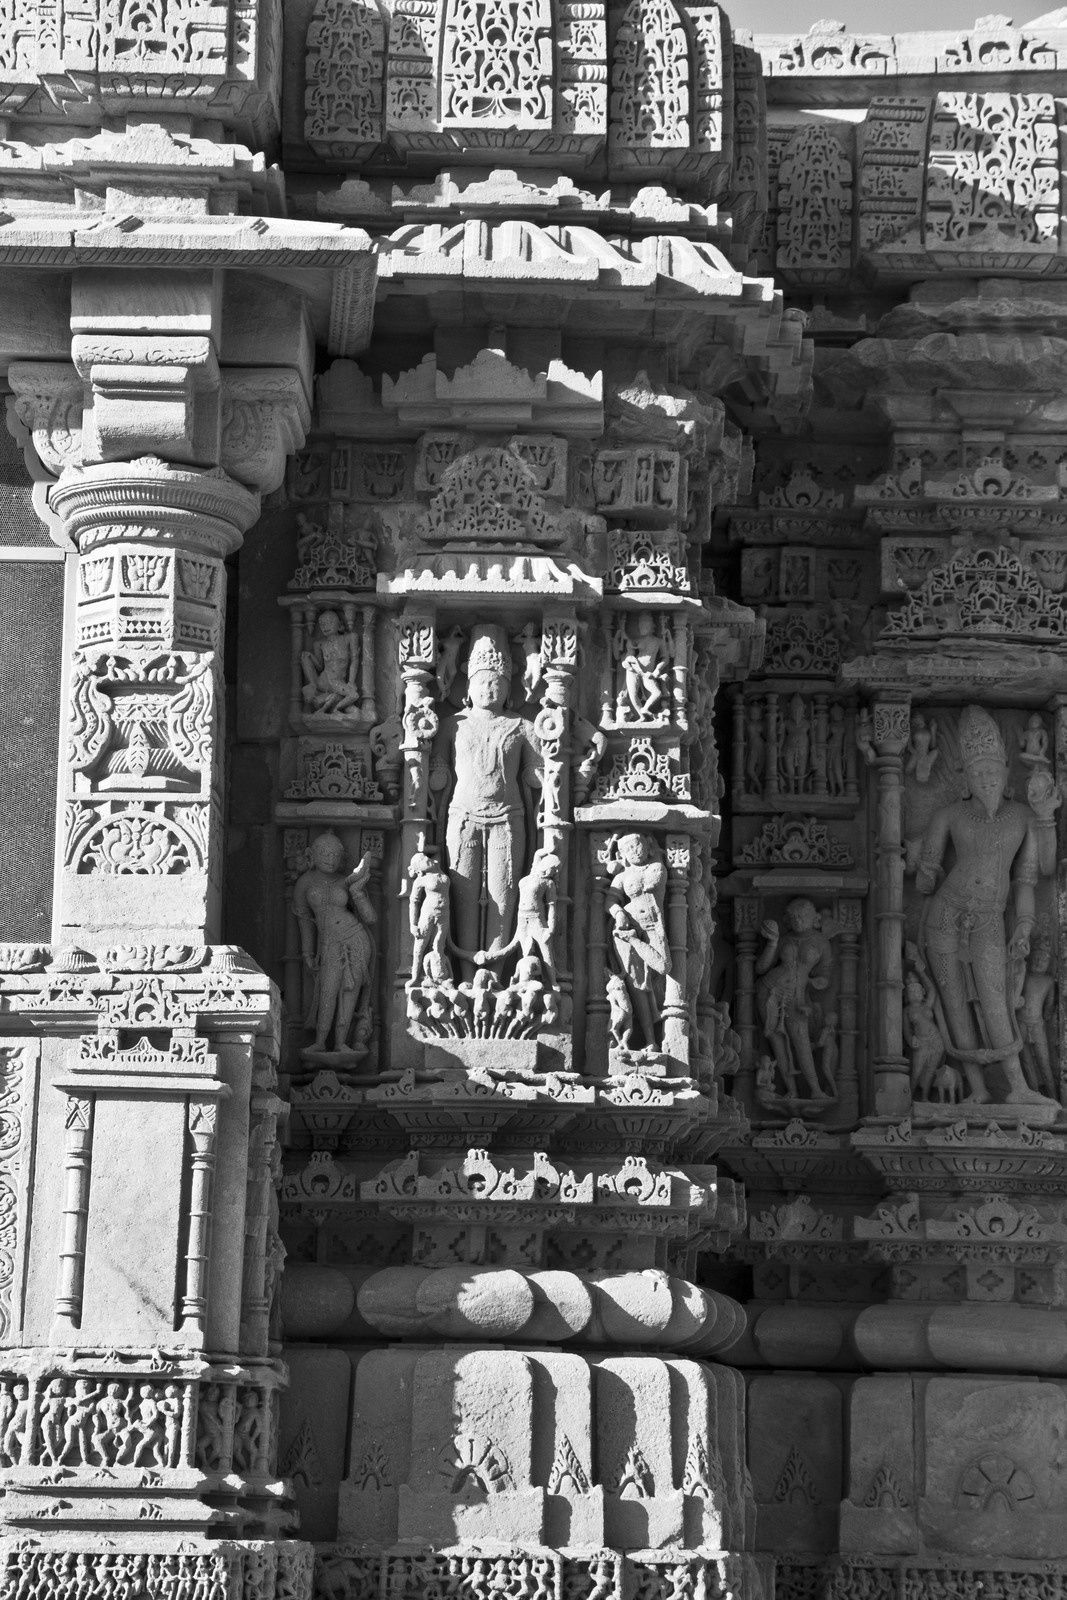 Détails des piliers, sculptures, ...